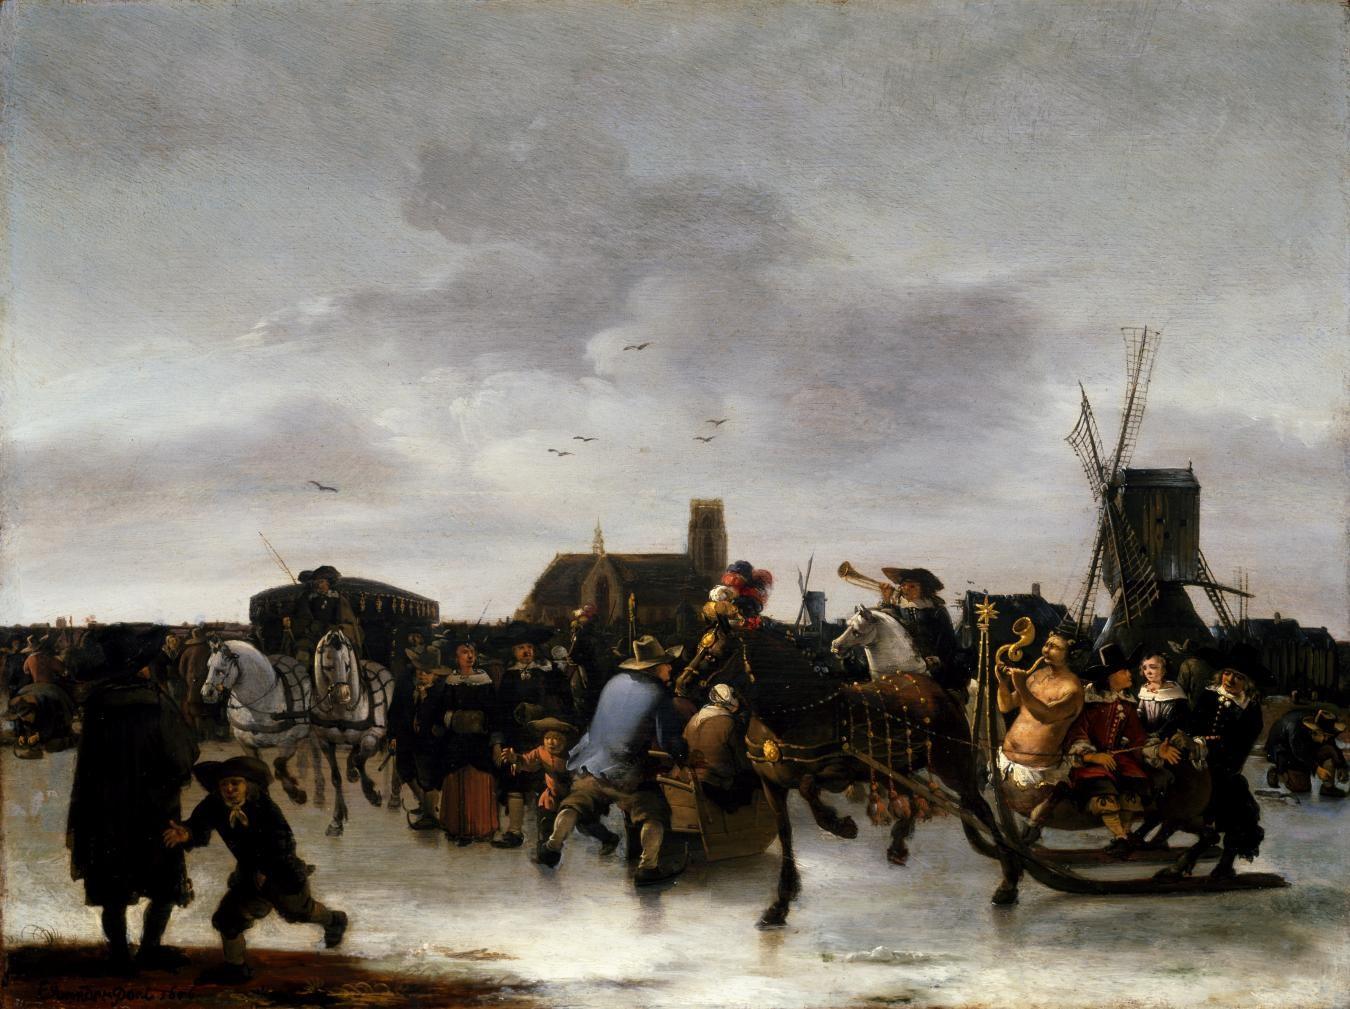 Egbert van der Poel, A Skating Scene, 1856